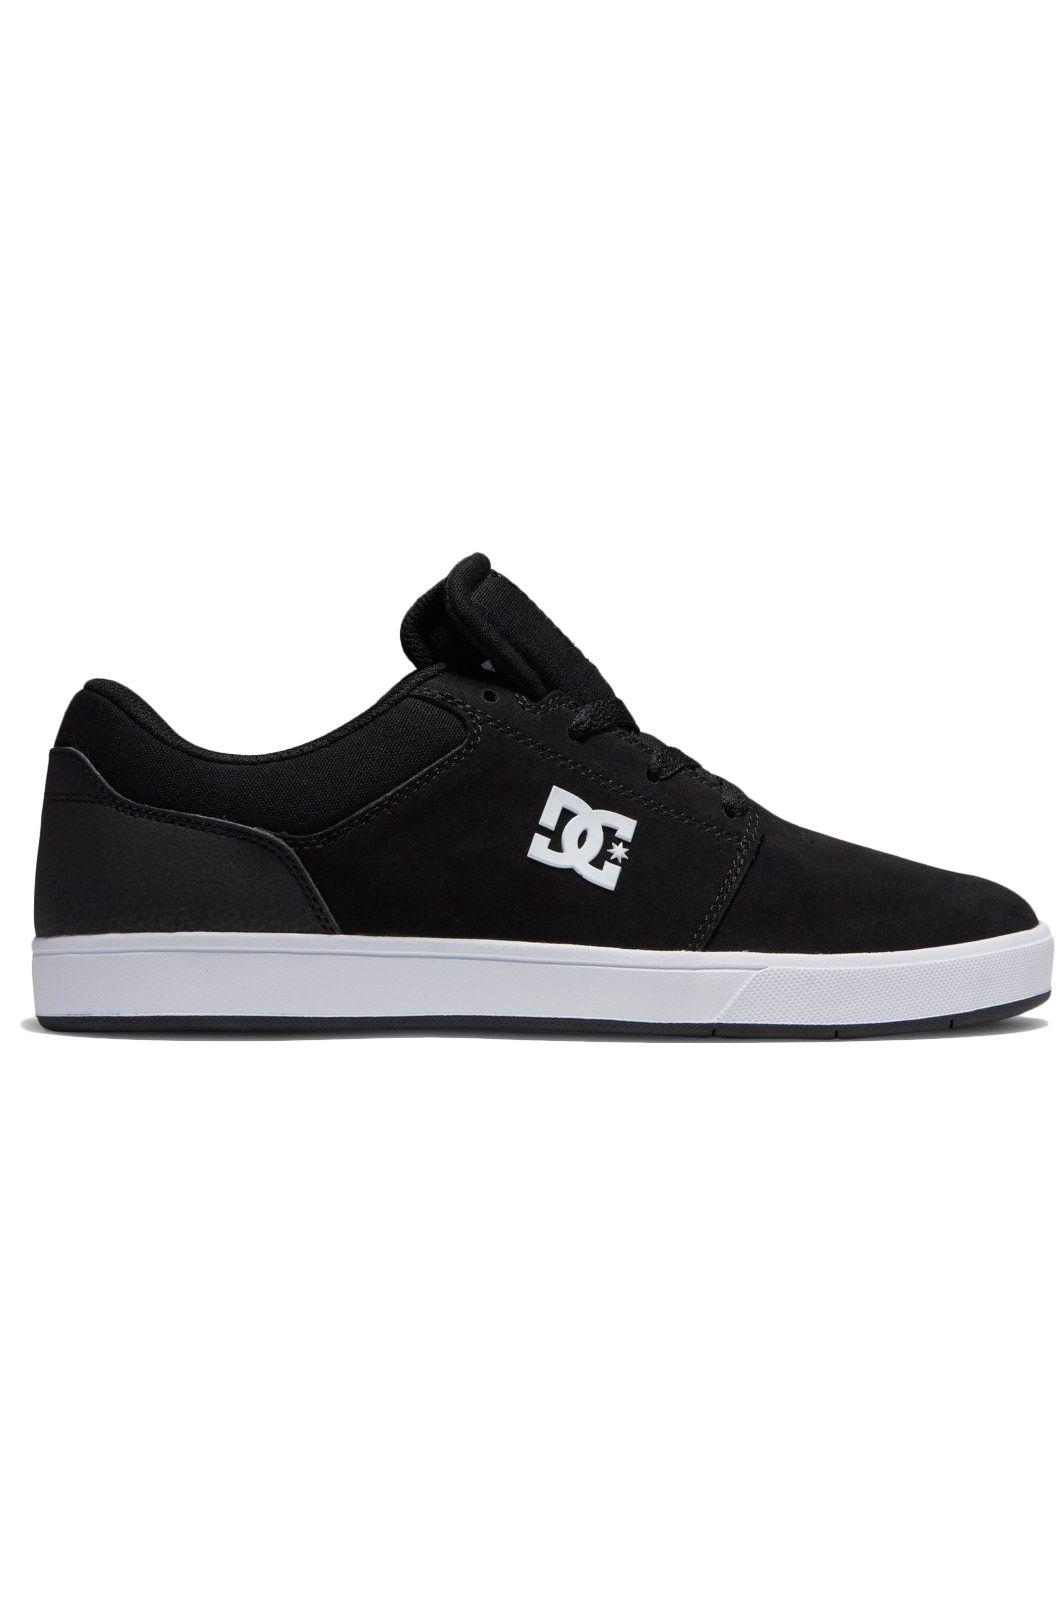 DC Shoes Shoes CRISIS 2 Black/White